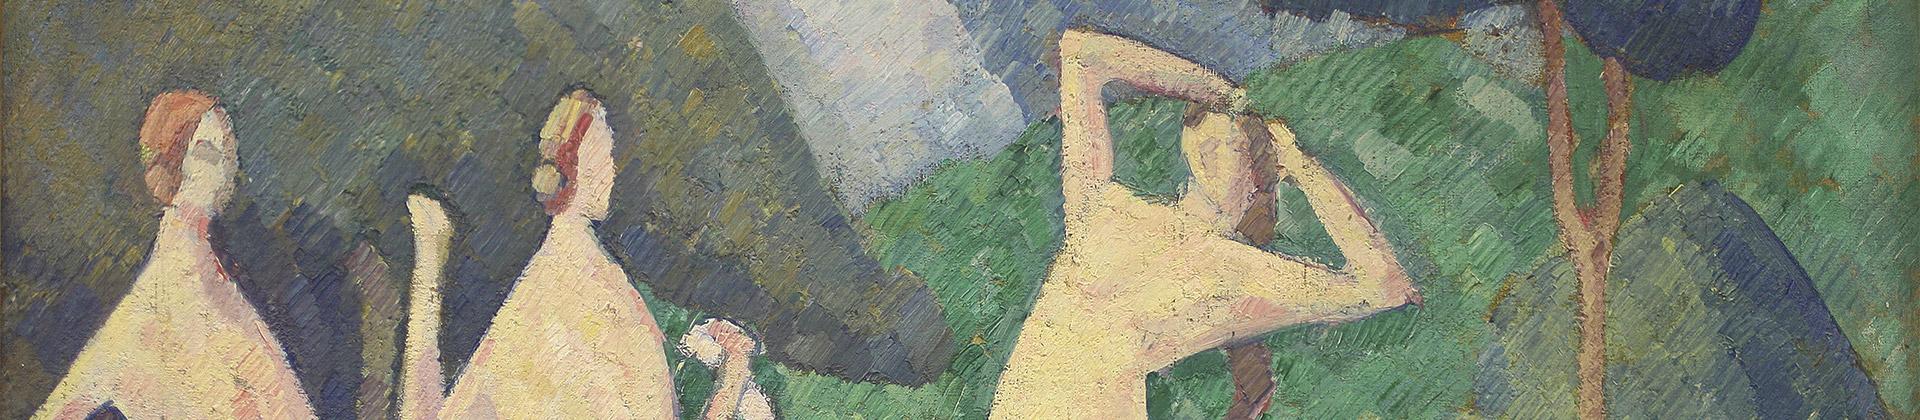 Emile Bernard, son parcours artistique à Pont-Aven